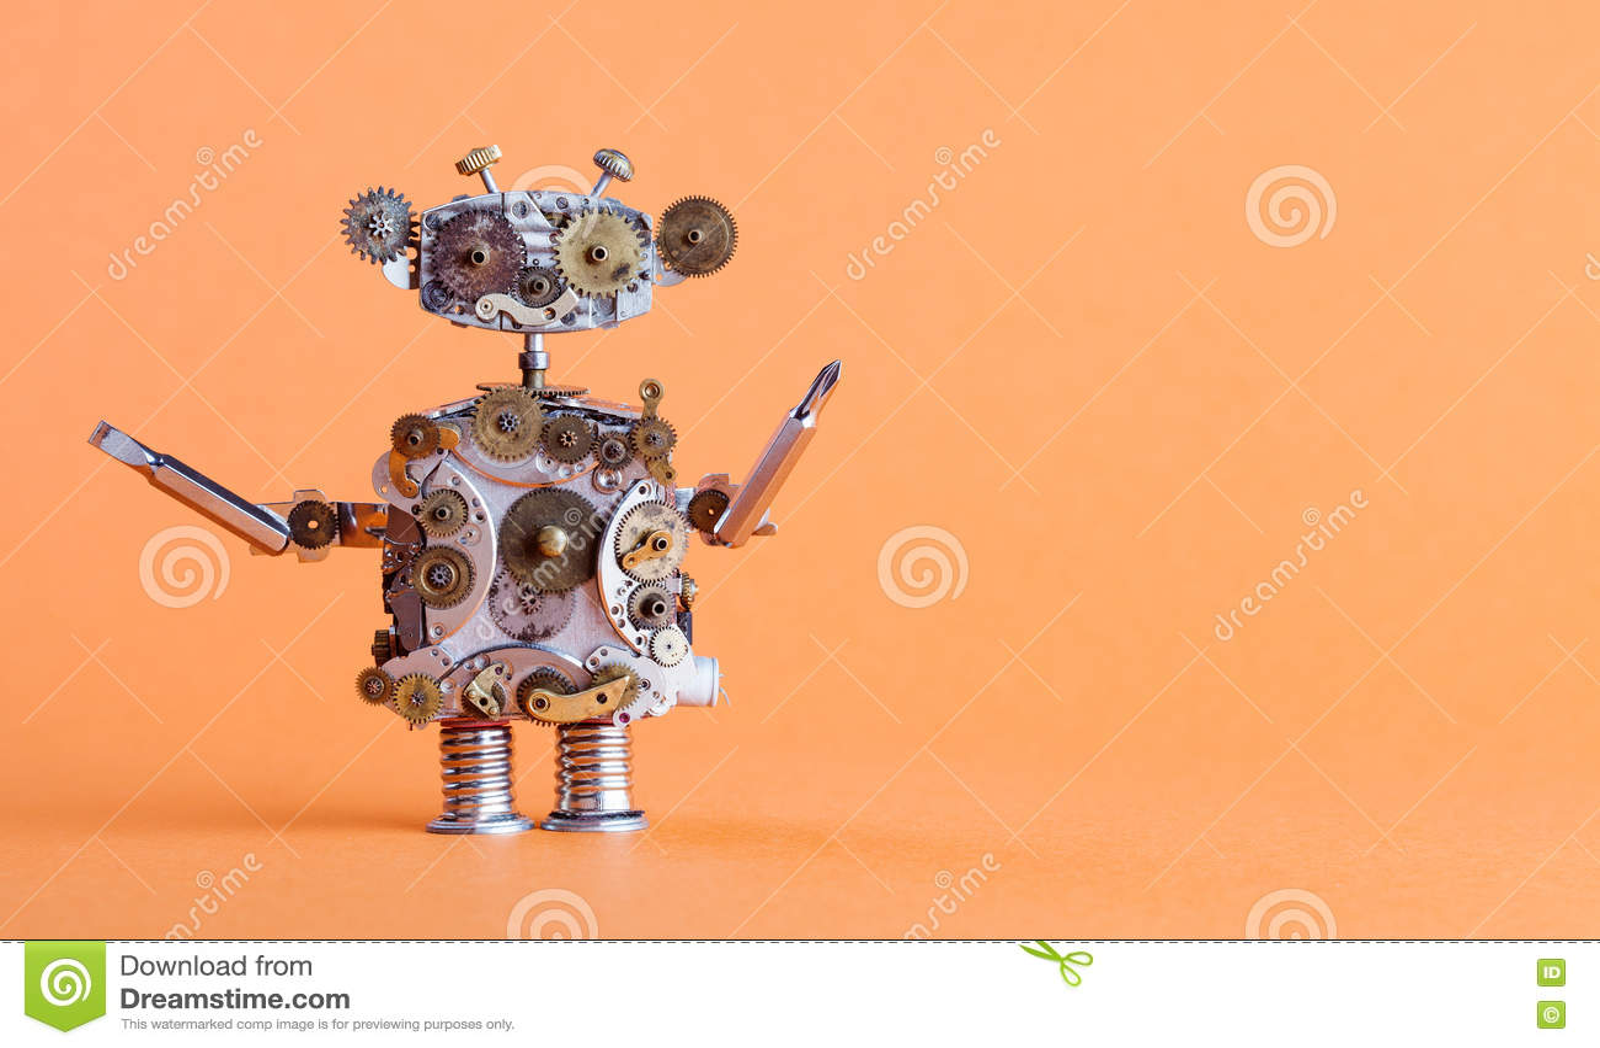 Trabalhador manual do robô do estilo de Steampunk com chave de fenda Caráter mecânico do brinquedo engraçado, conceito do serviço